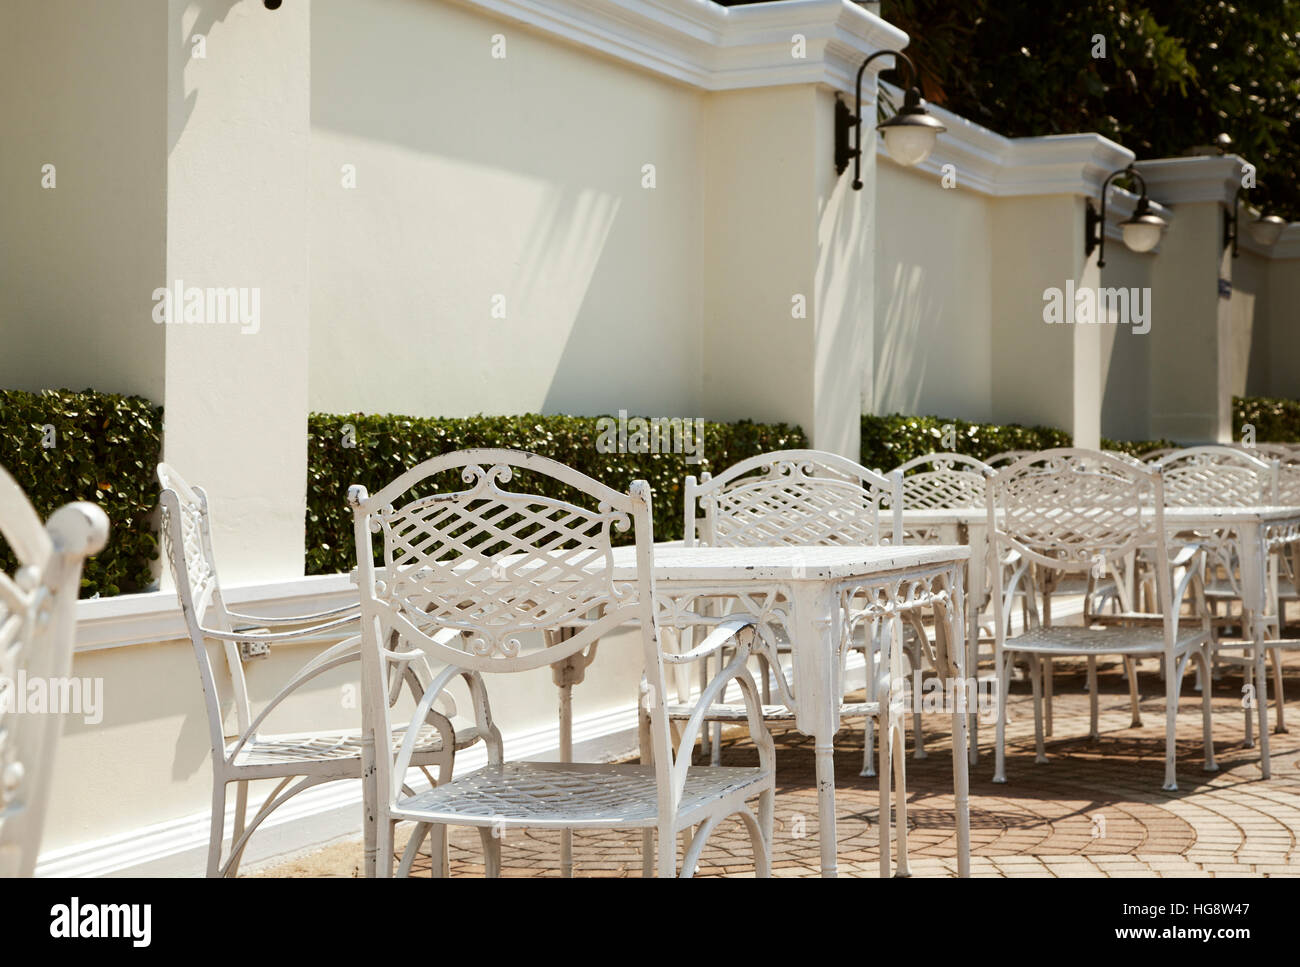 weiße schmiedeeiserne möbel louis alamy schmiedeeiserne möbel reihe von weißen tische mit stühlen leere outdoorcafé im hotel